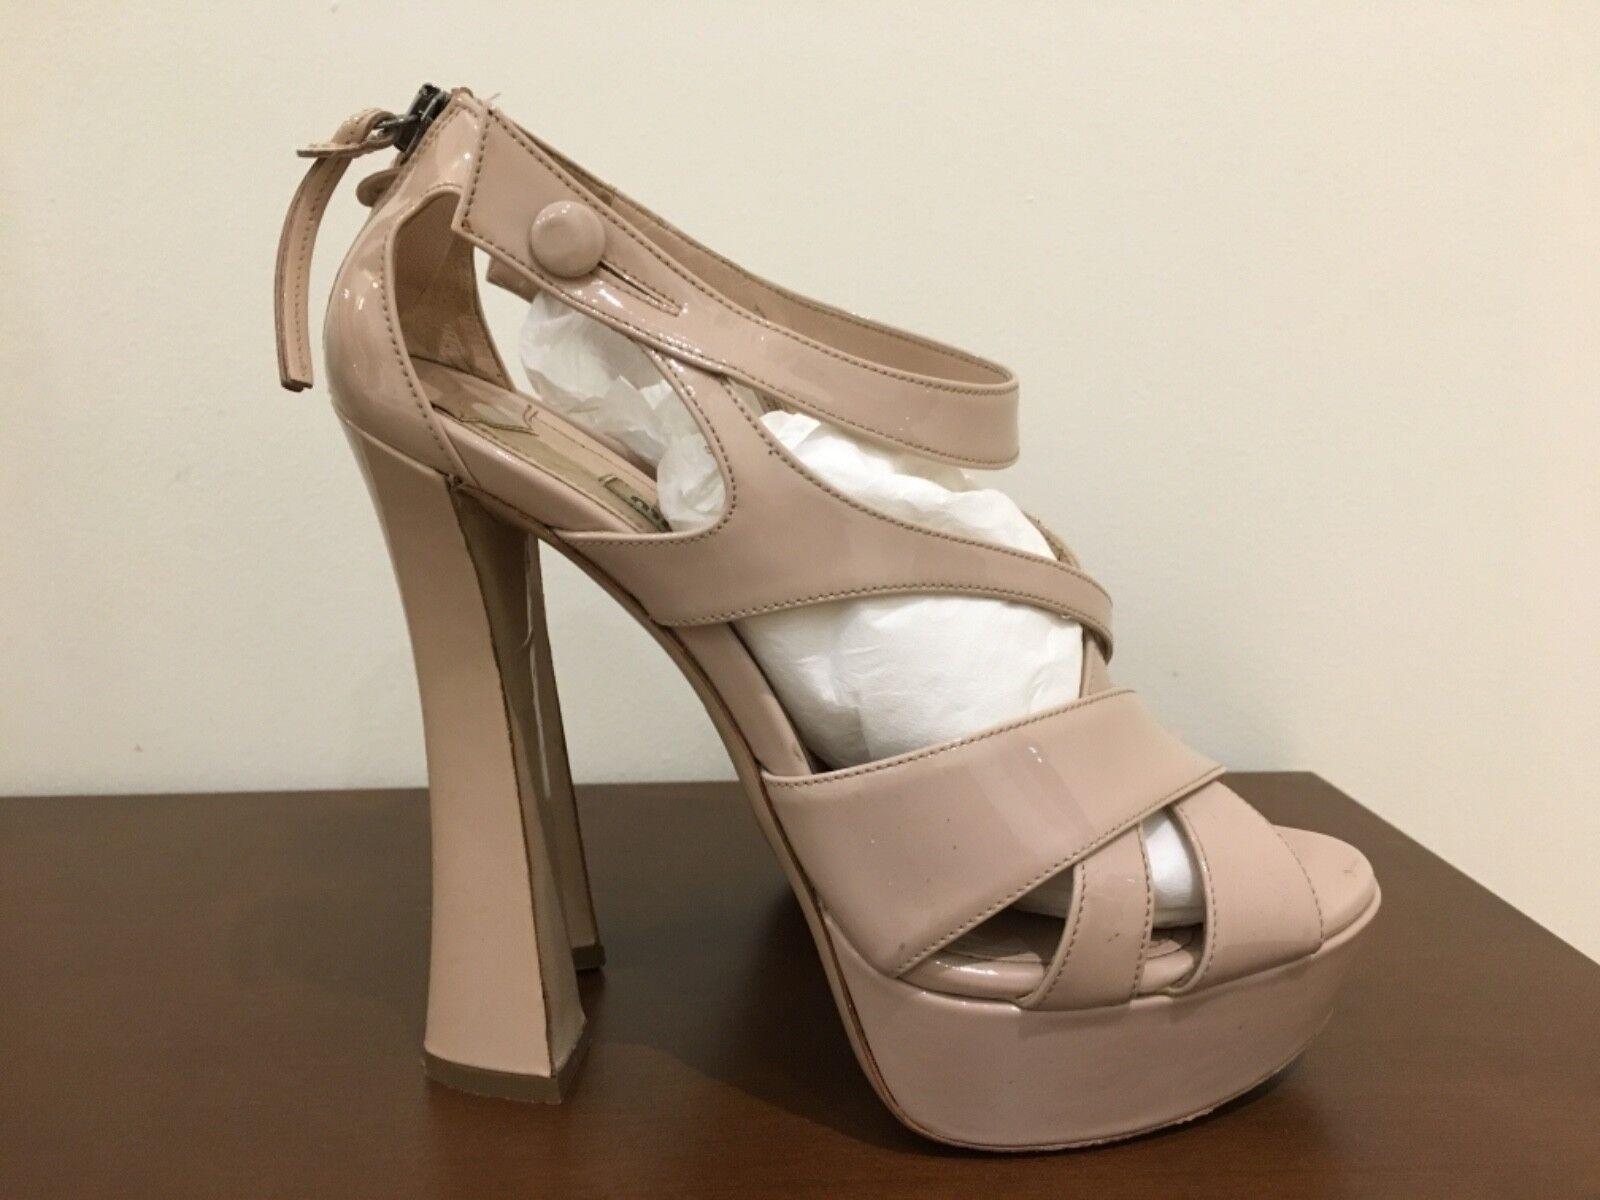 Miu Miu heels, Größe 37